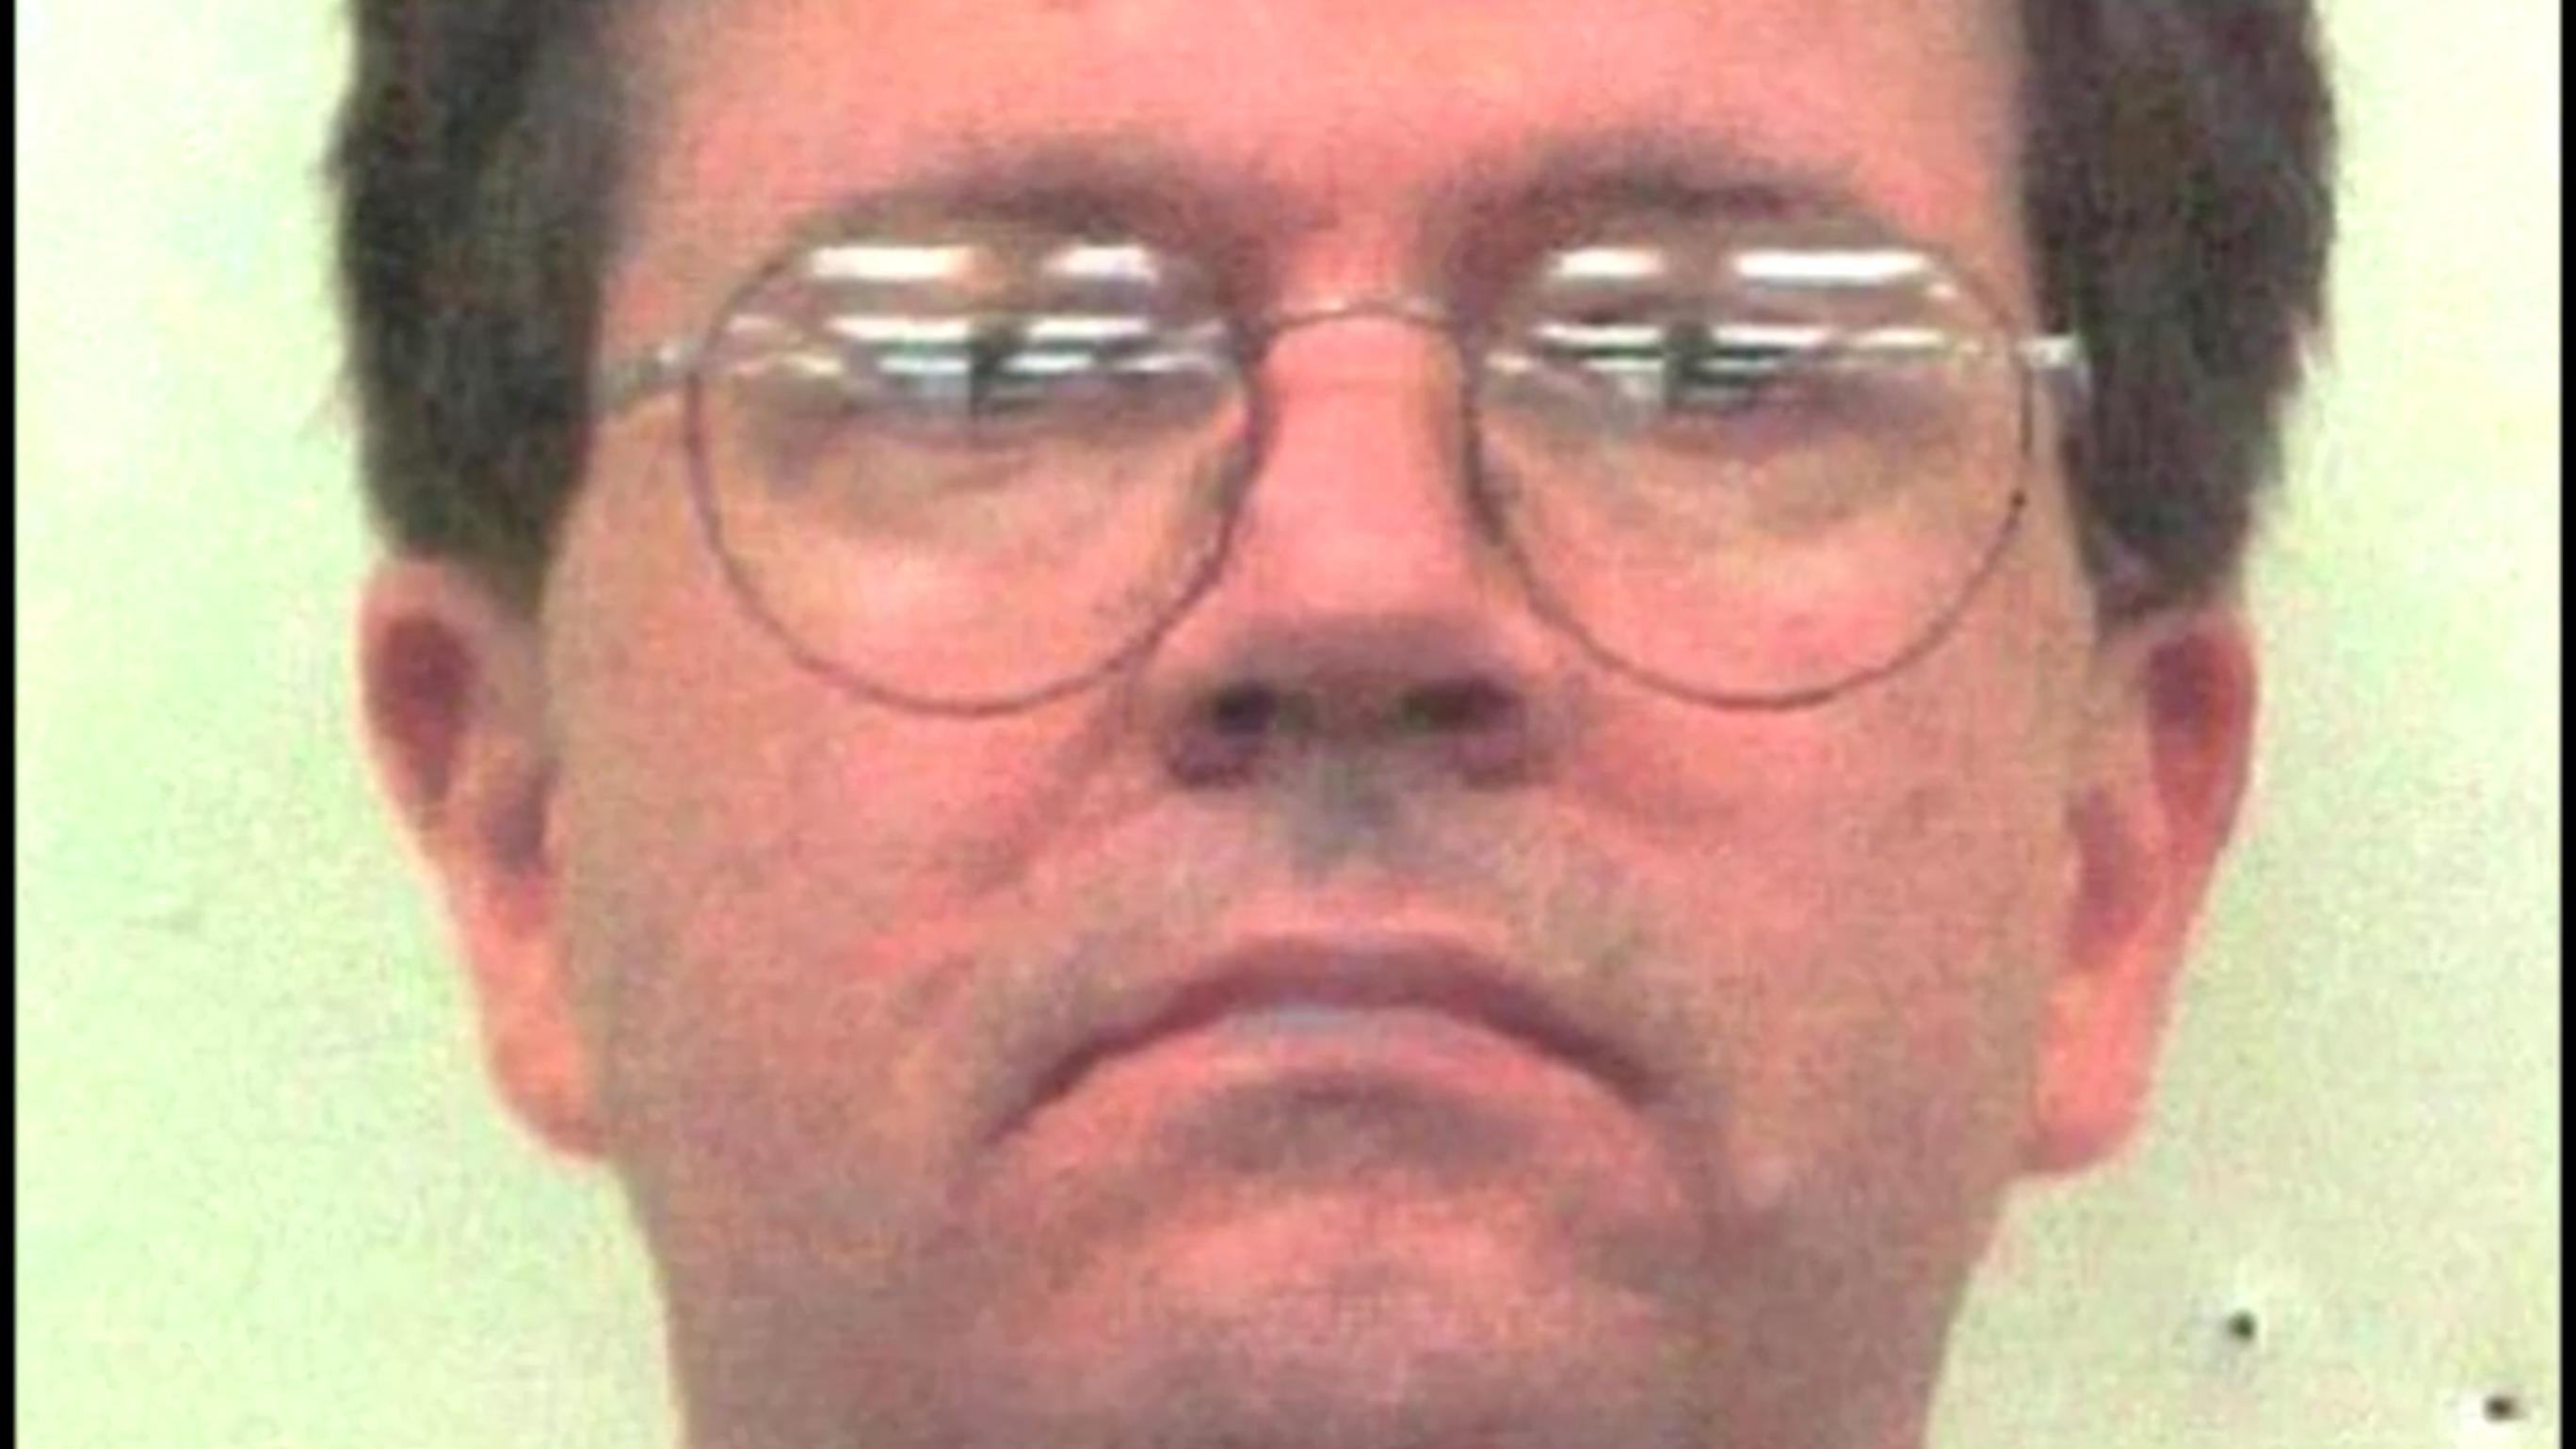 Zakaj je serijski morilec Richard Rogers razrezal geje? Forenzični psiholog tehta